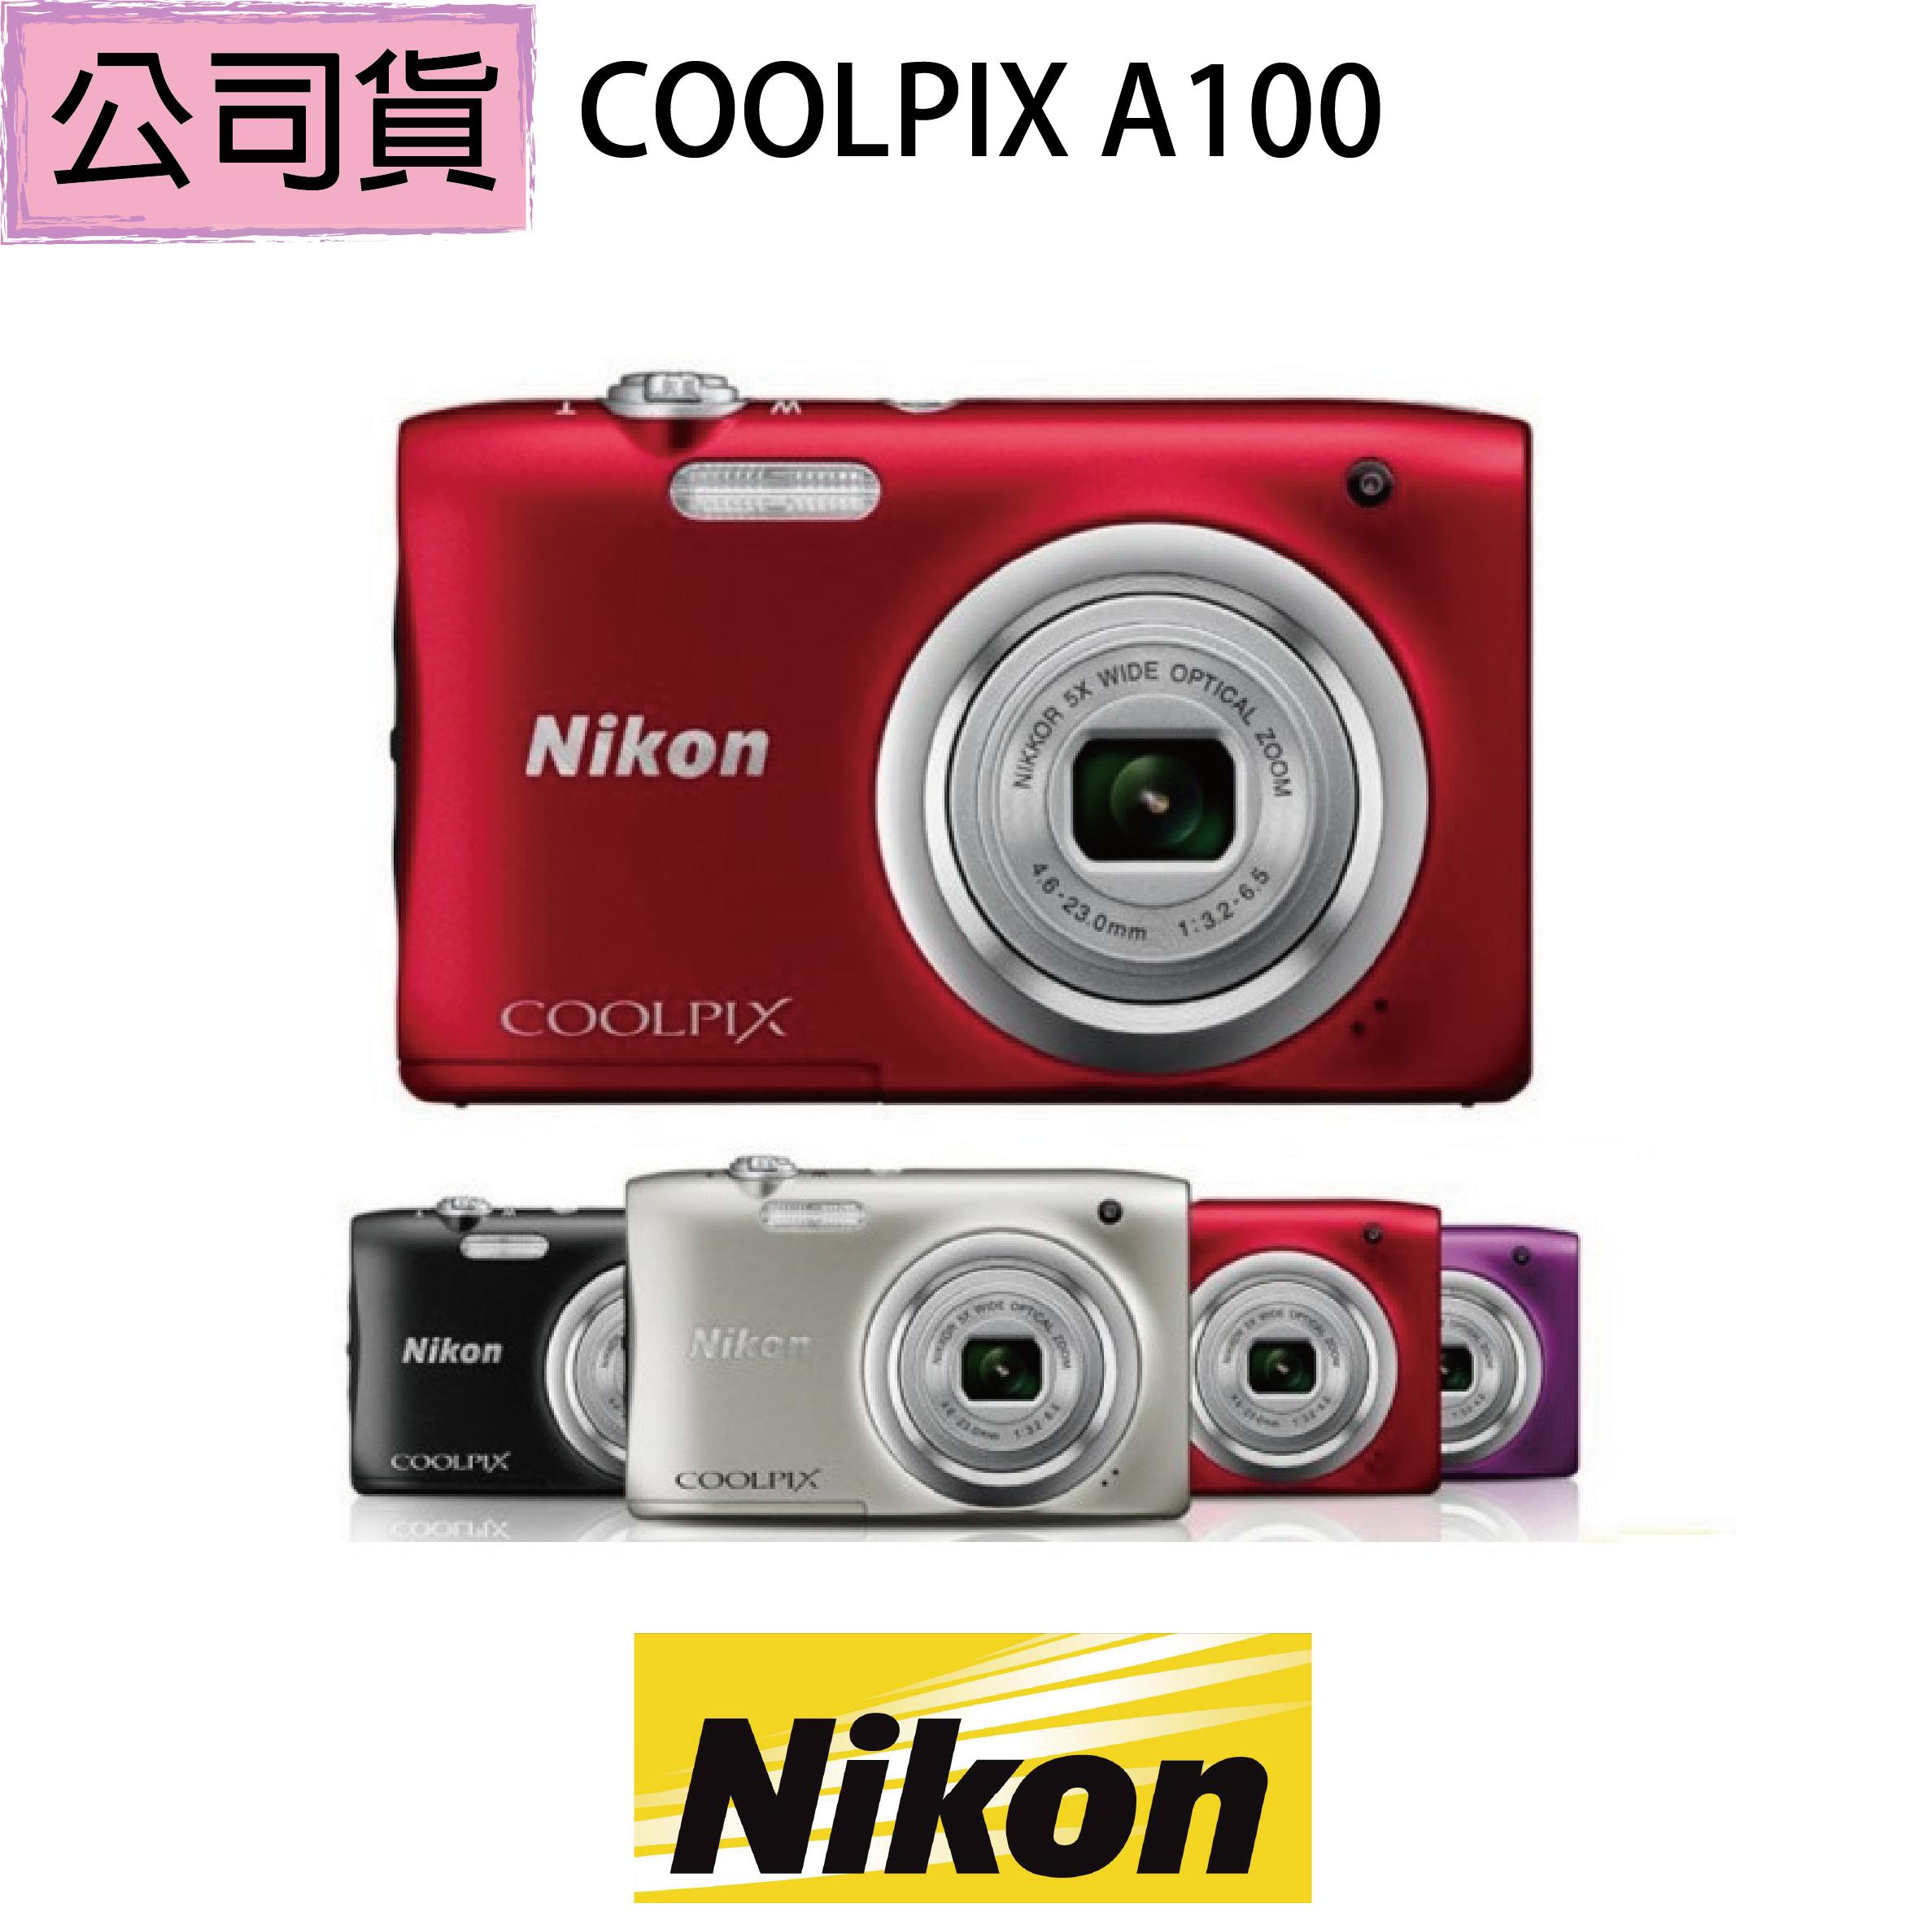 贈【SanDisk 32G 雙電好禮組】【Nikon】COOLPIX A100 數位相機(公司貨)